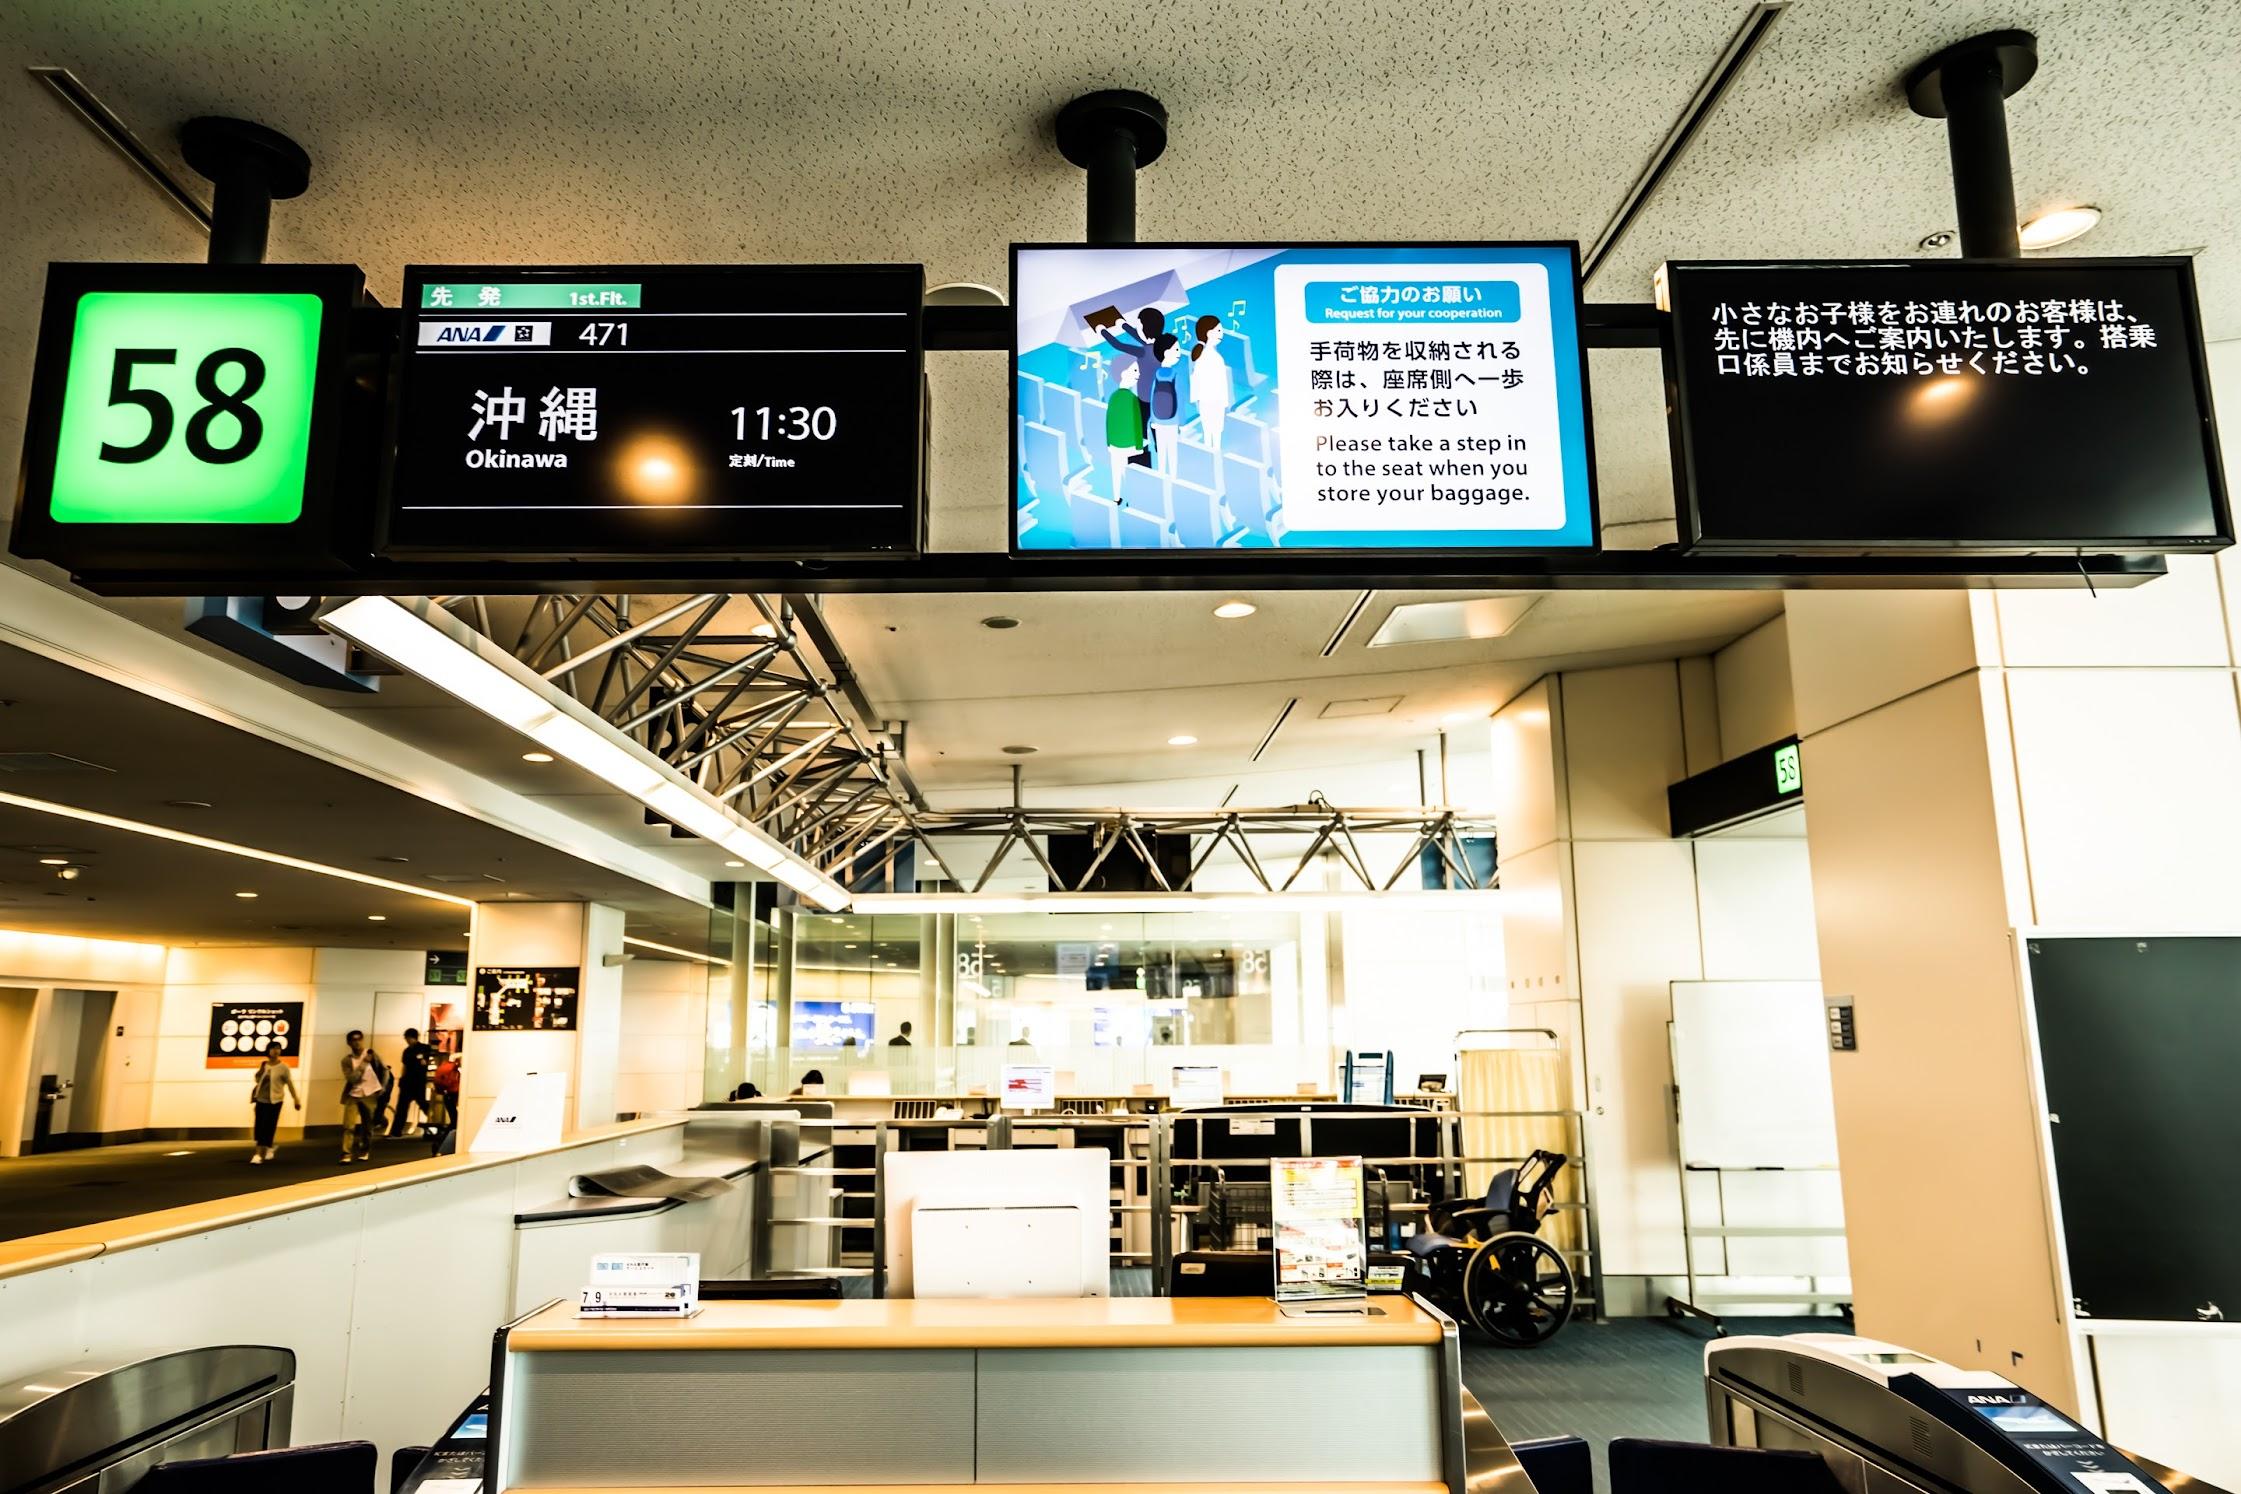 羽田空港 沖縄